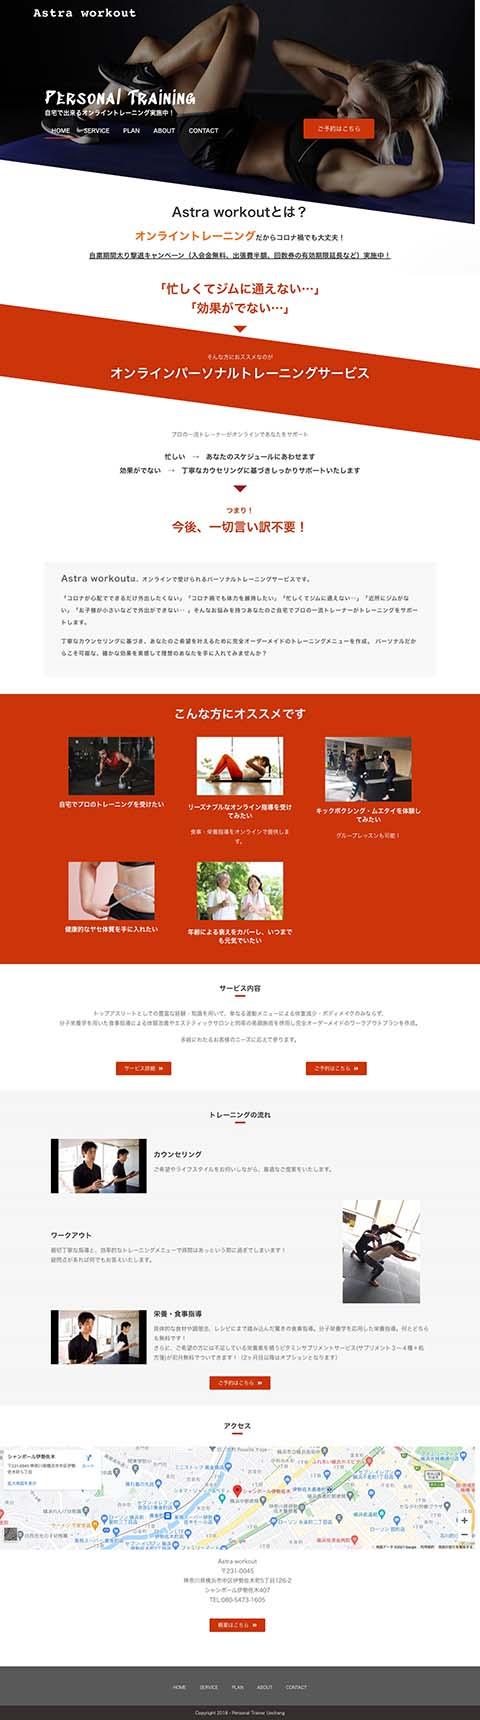 ランディングページサービスを紹介するページある、オンライントレーニングサービスサイトの制作事例です。